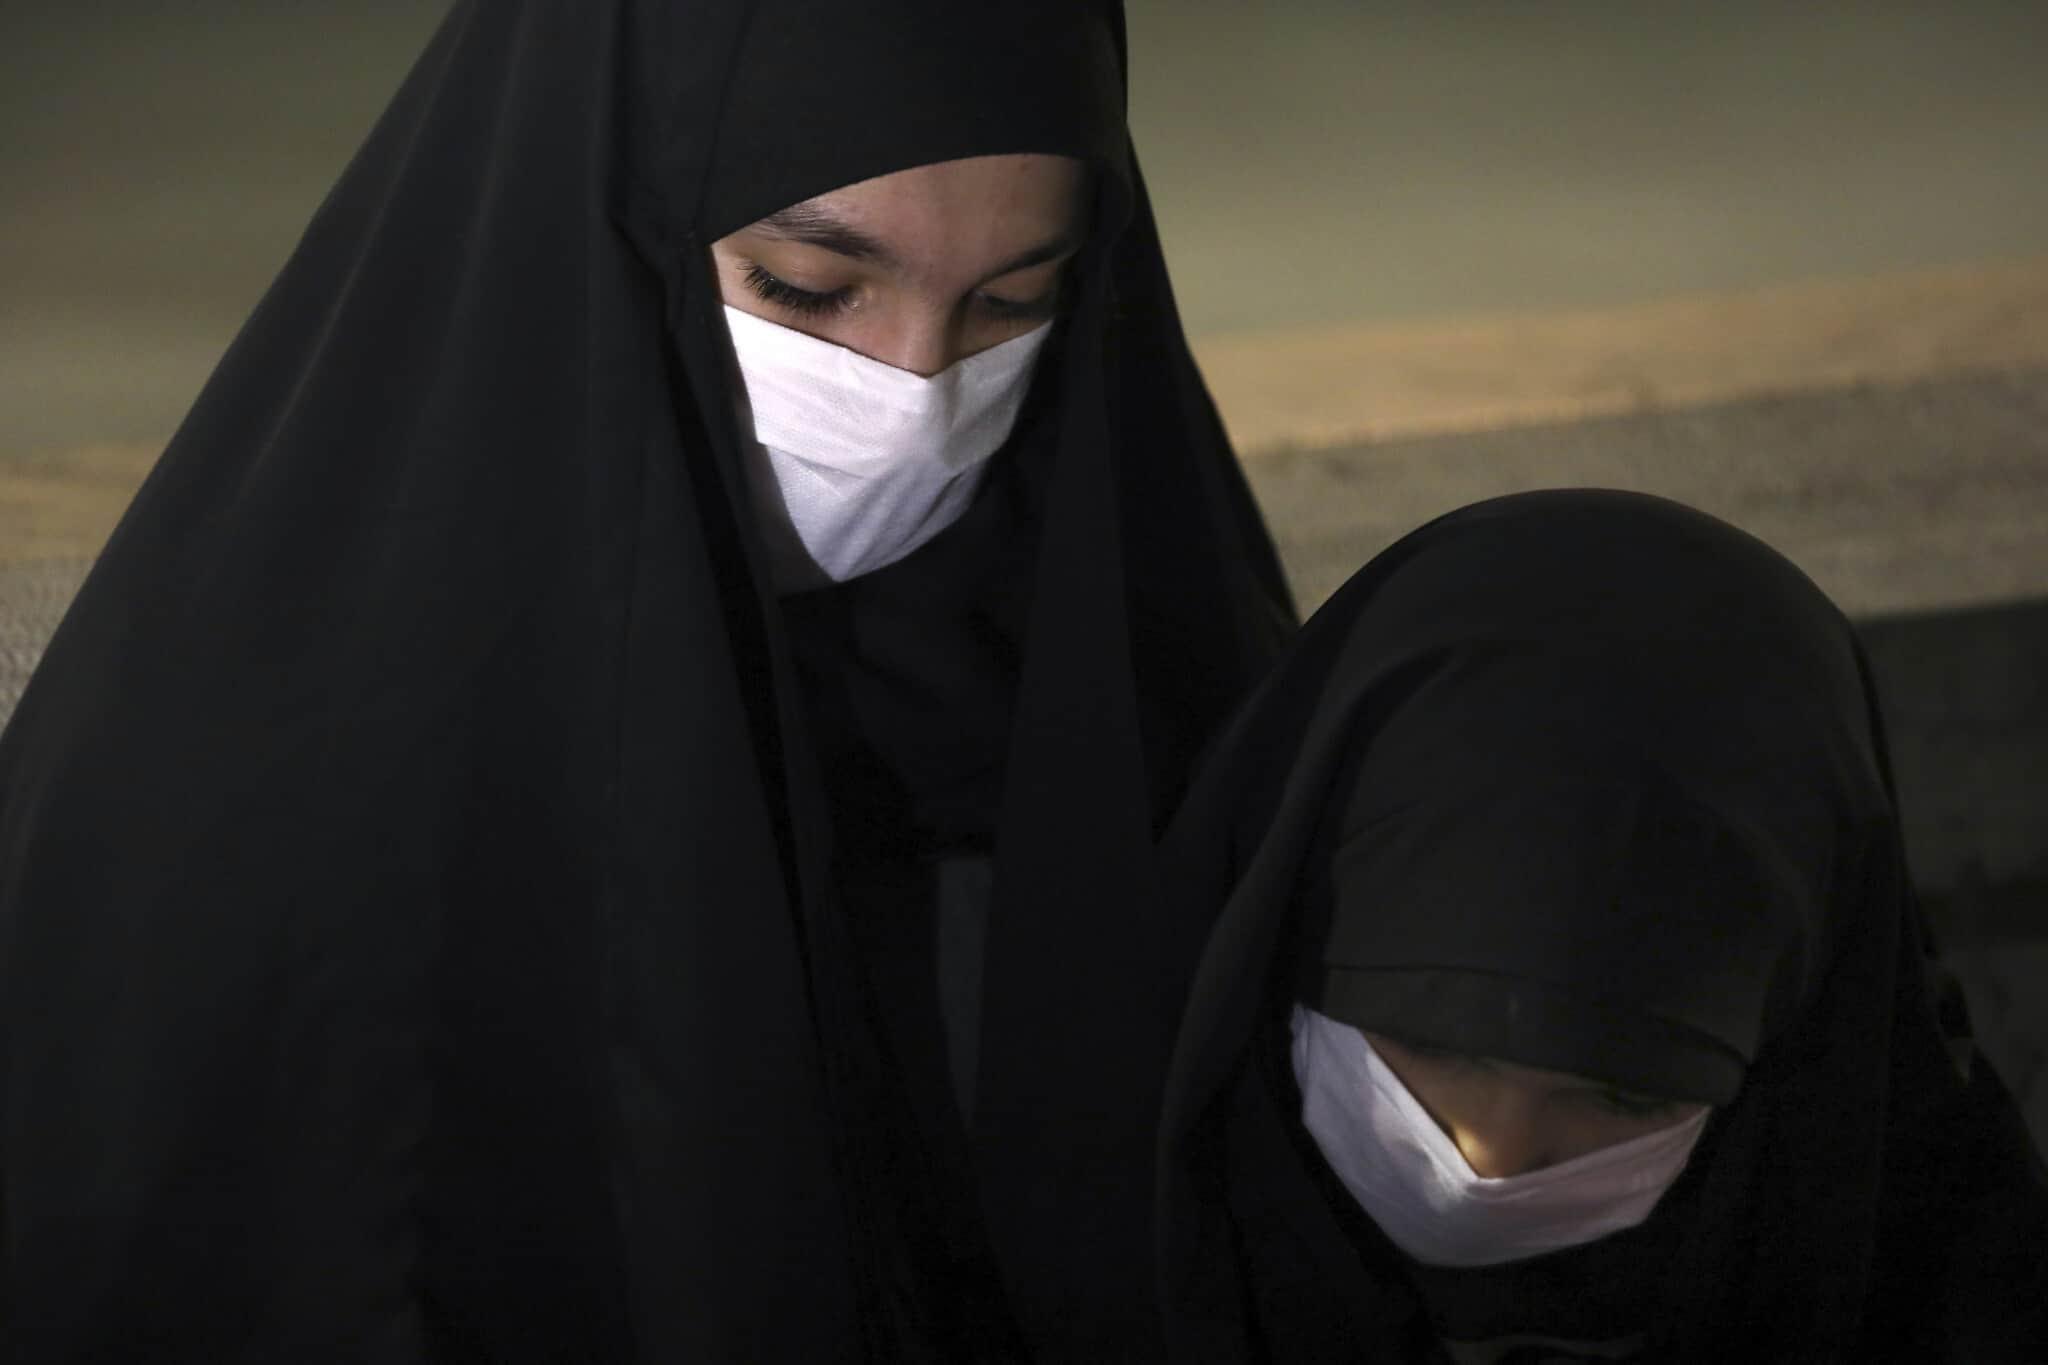 נשים איראניות מתפללות במסכות, 12 במאי 2020 (צילום: AP Photo/Vahid Salemi)